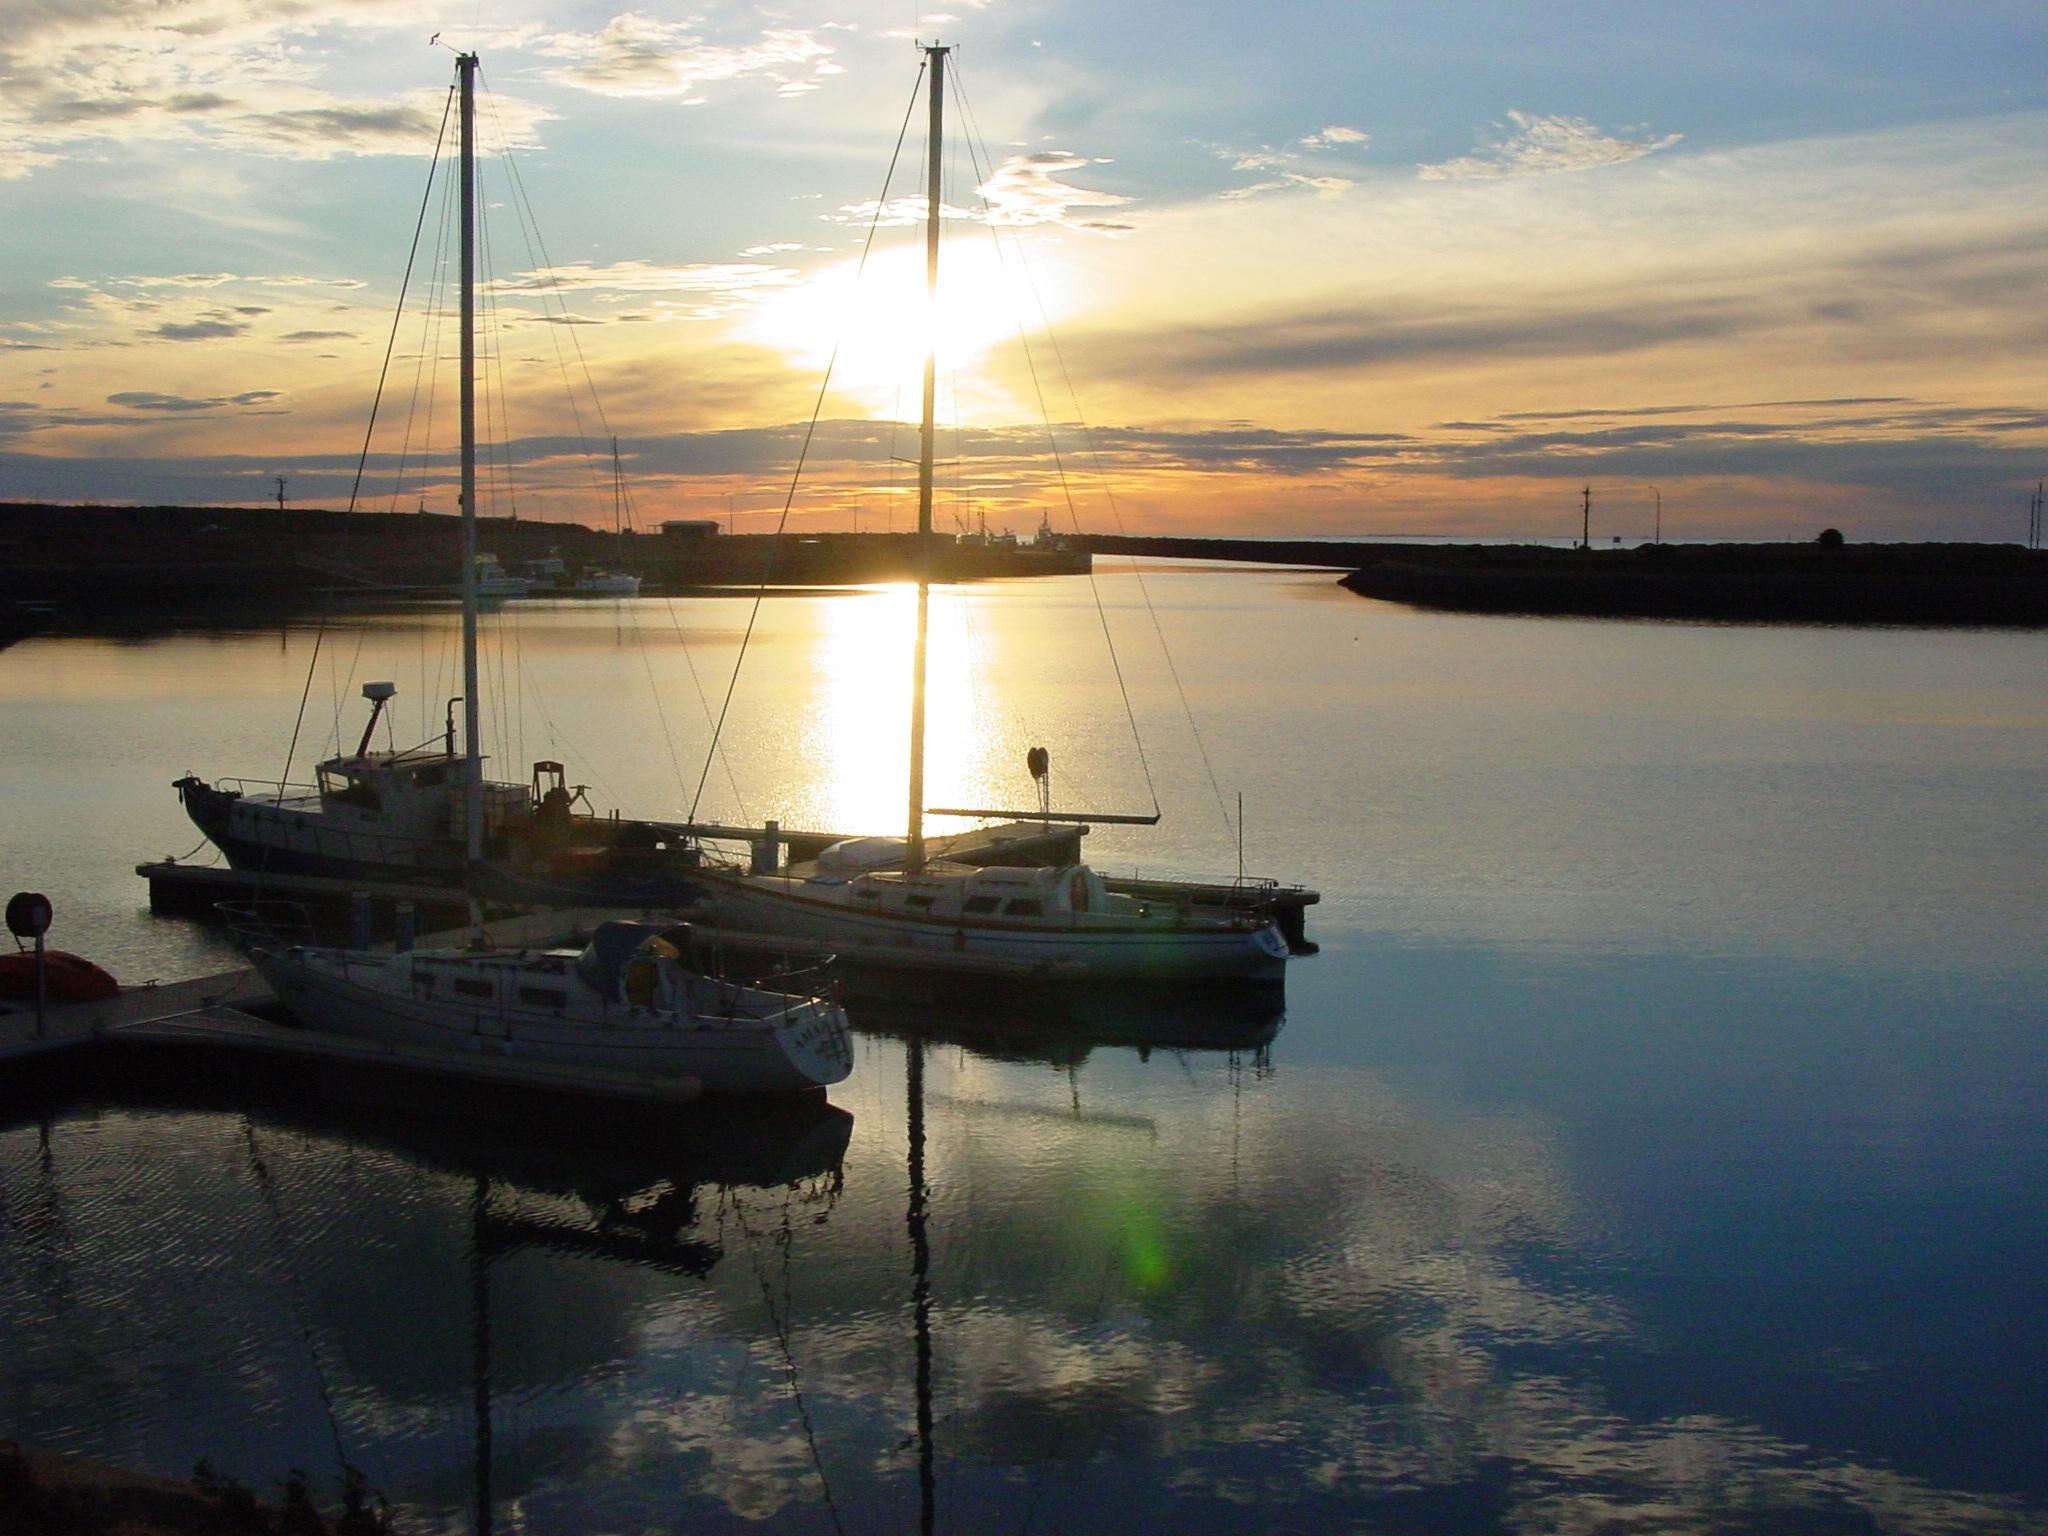 Wallaroo Marina